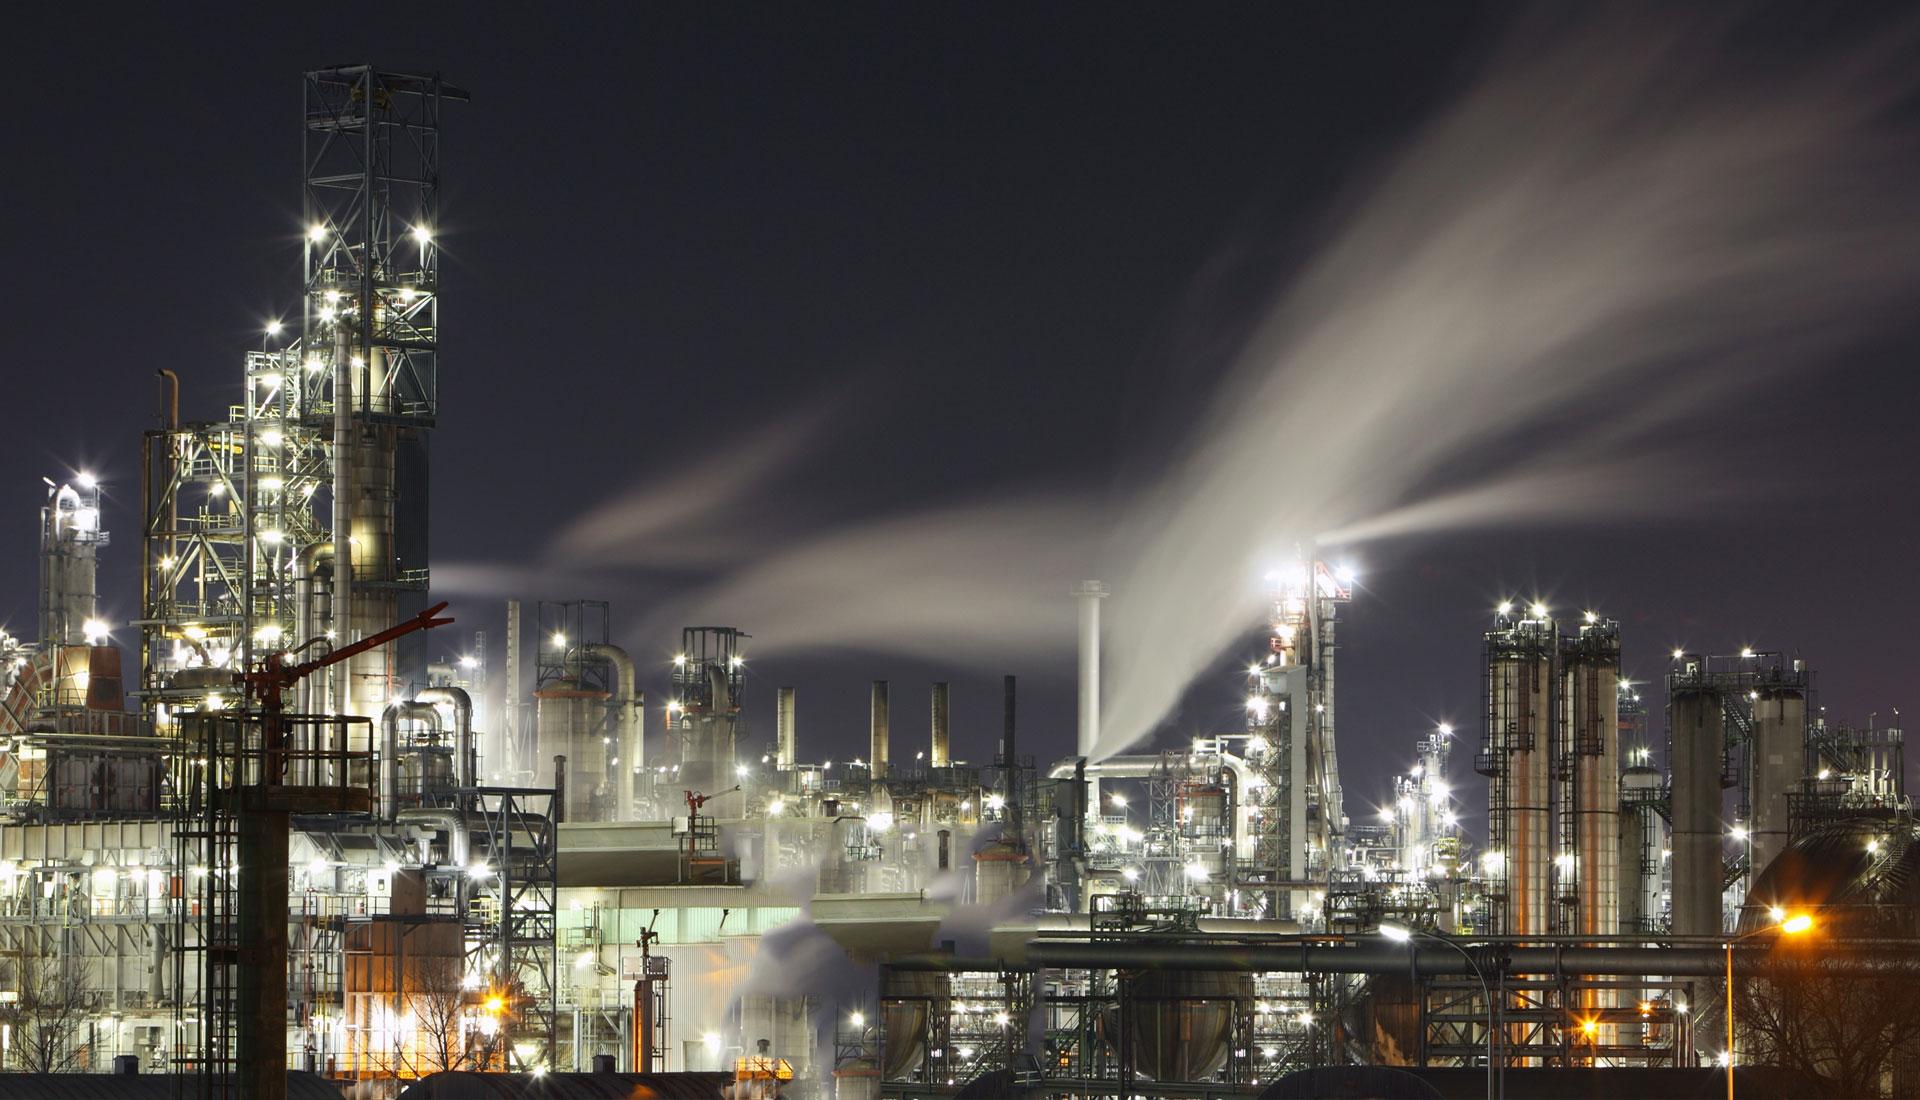 Alkahfi Lestari Oil & Gas Sdn Bhd